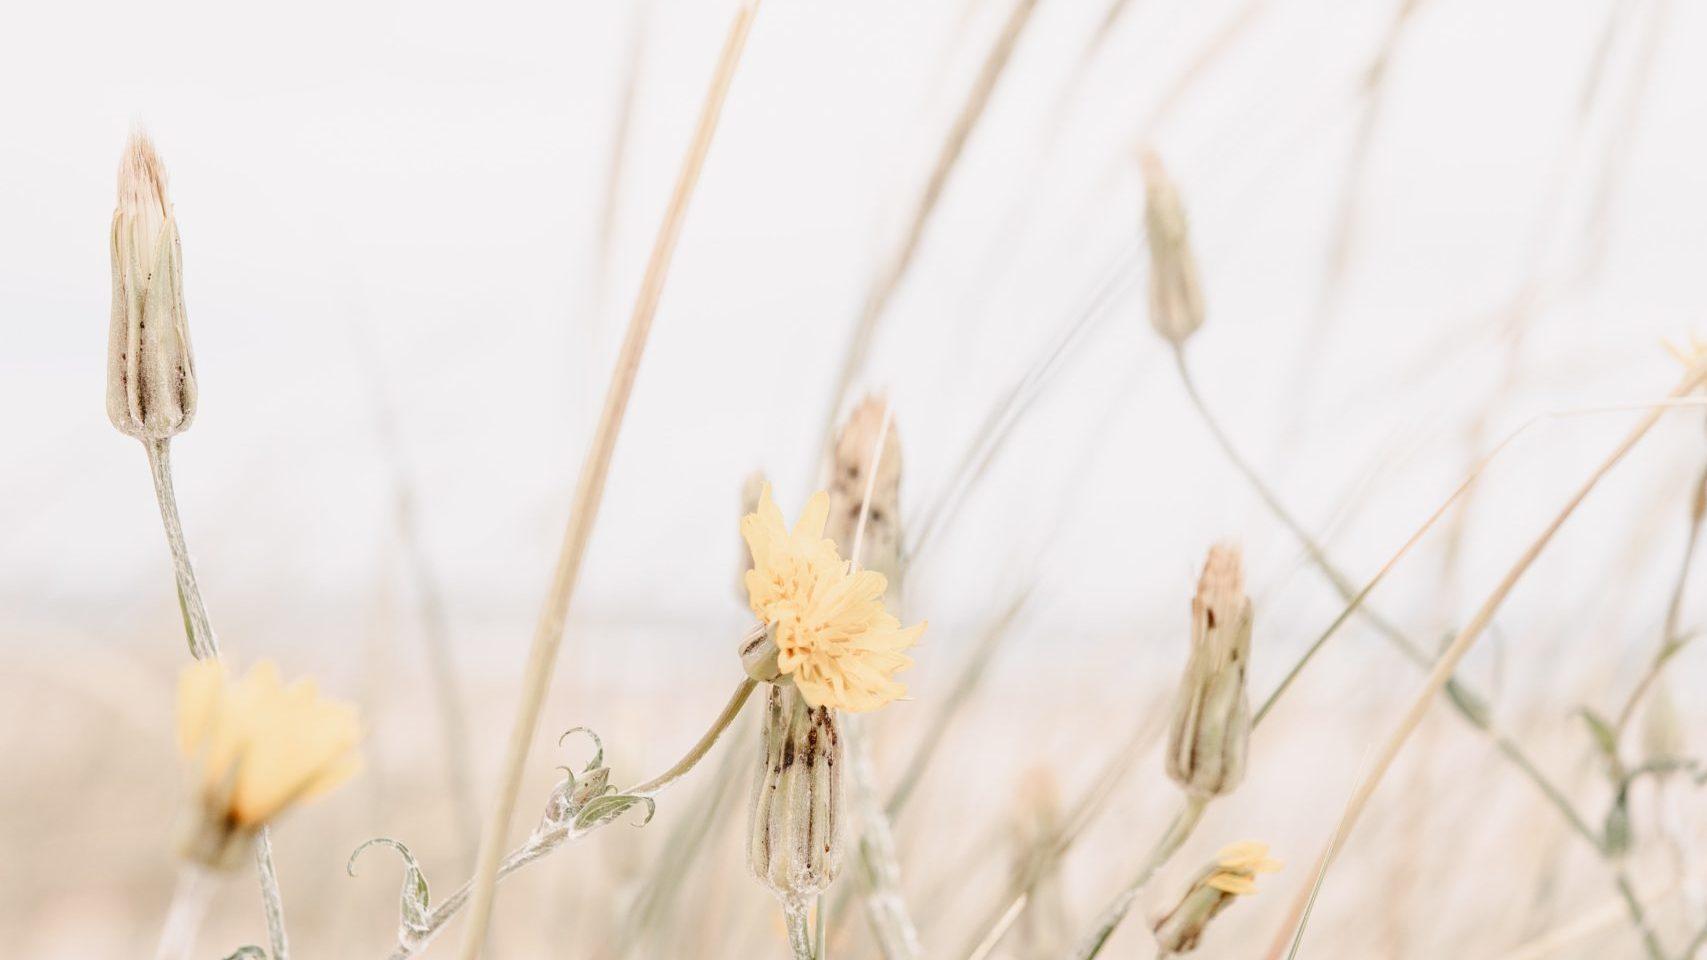 Dry looking dandelions